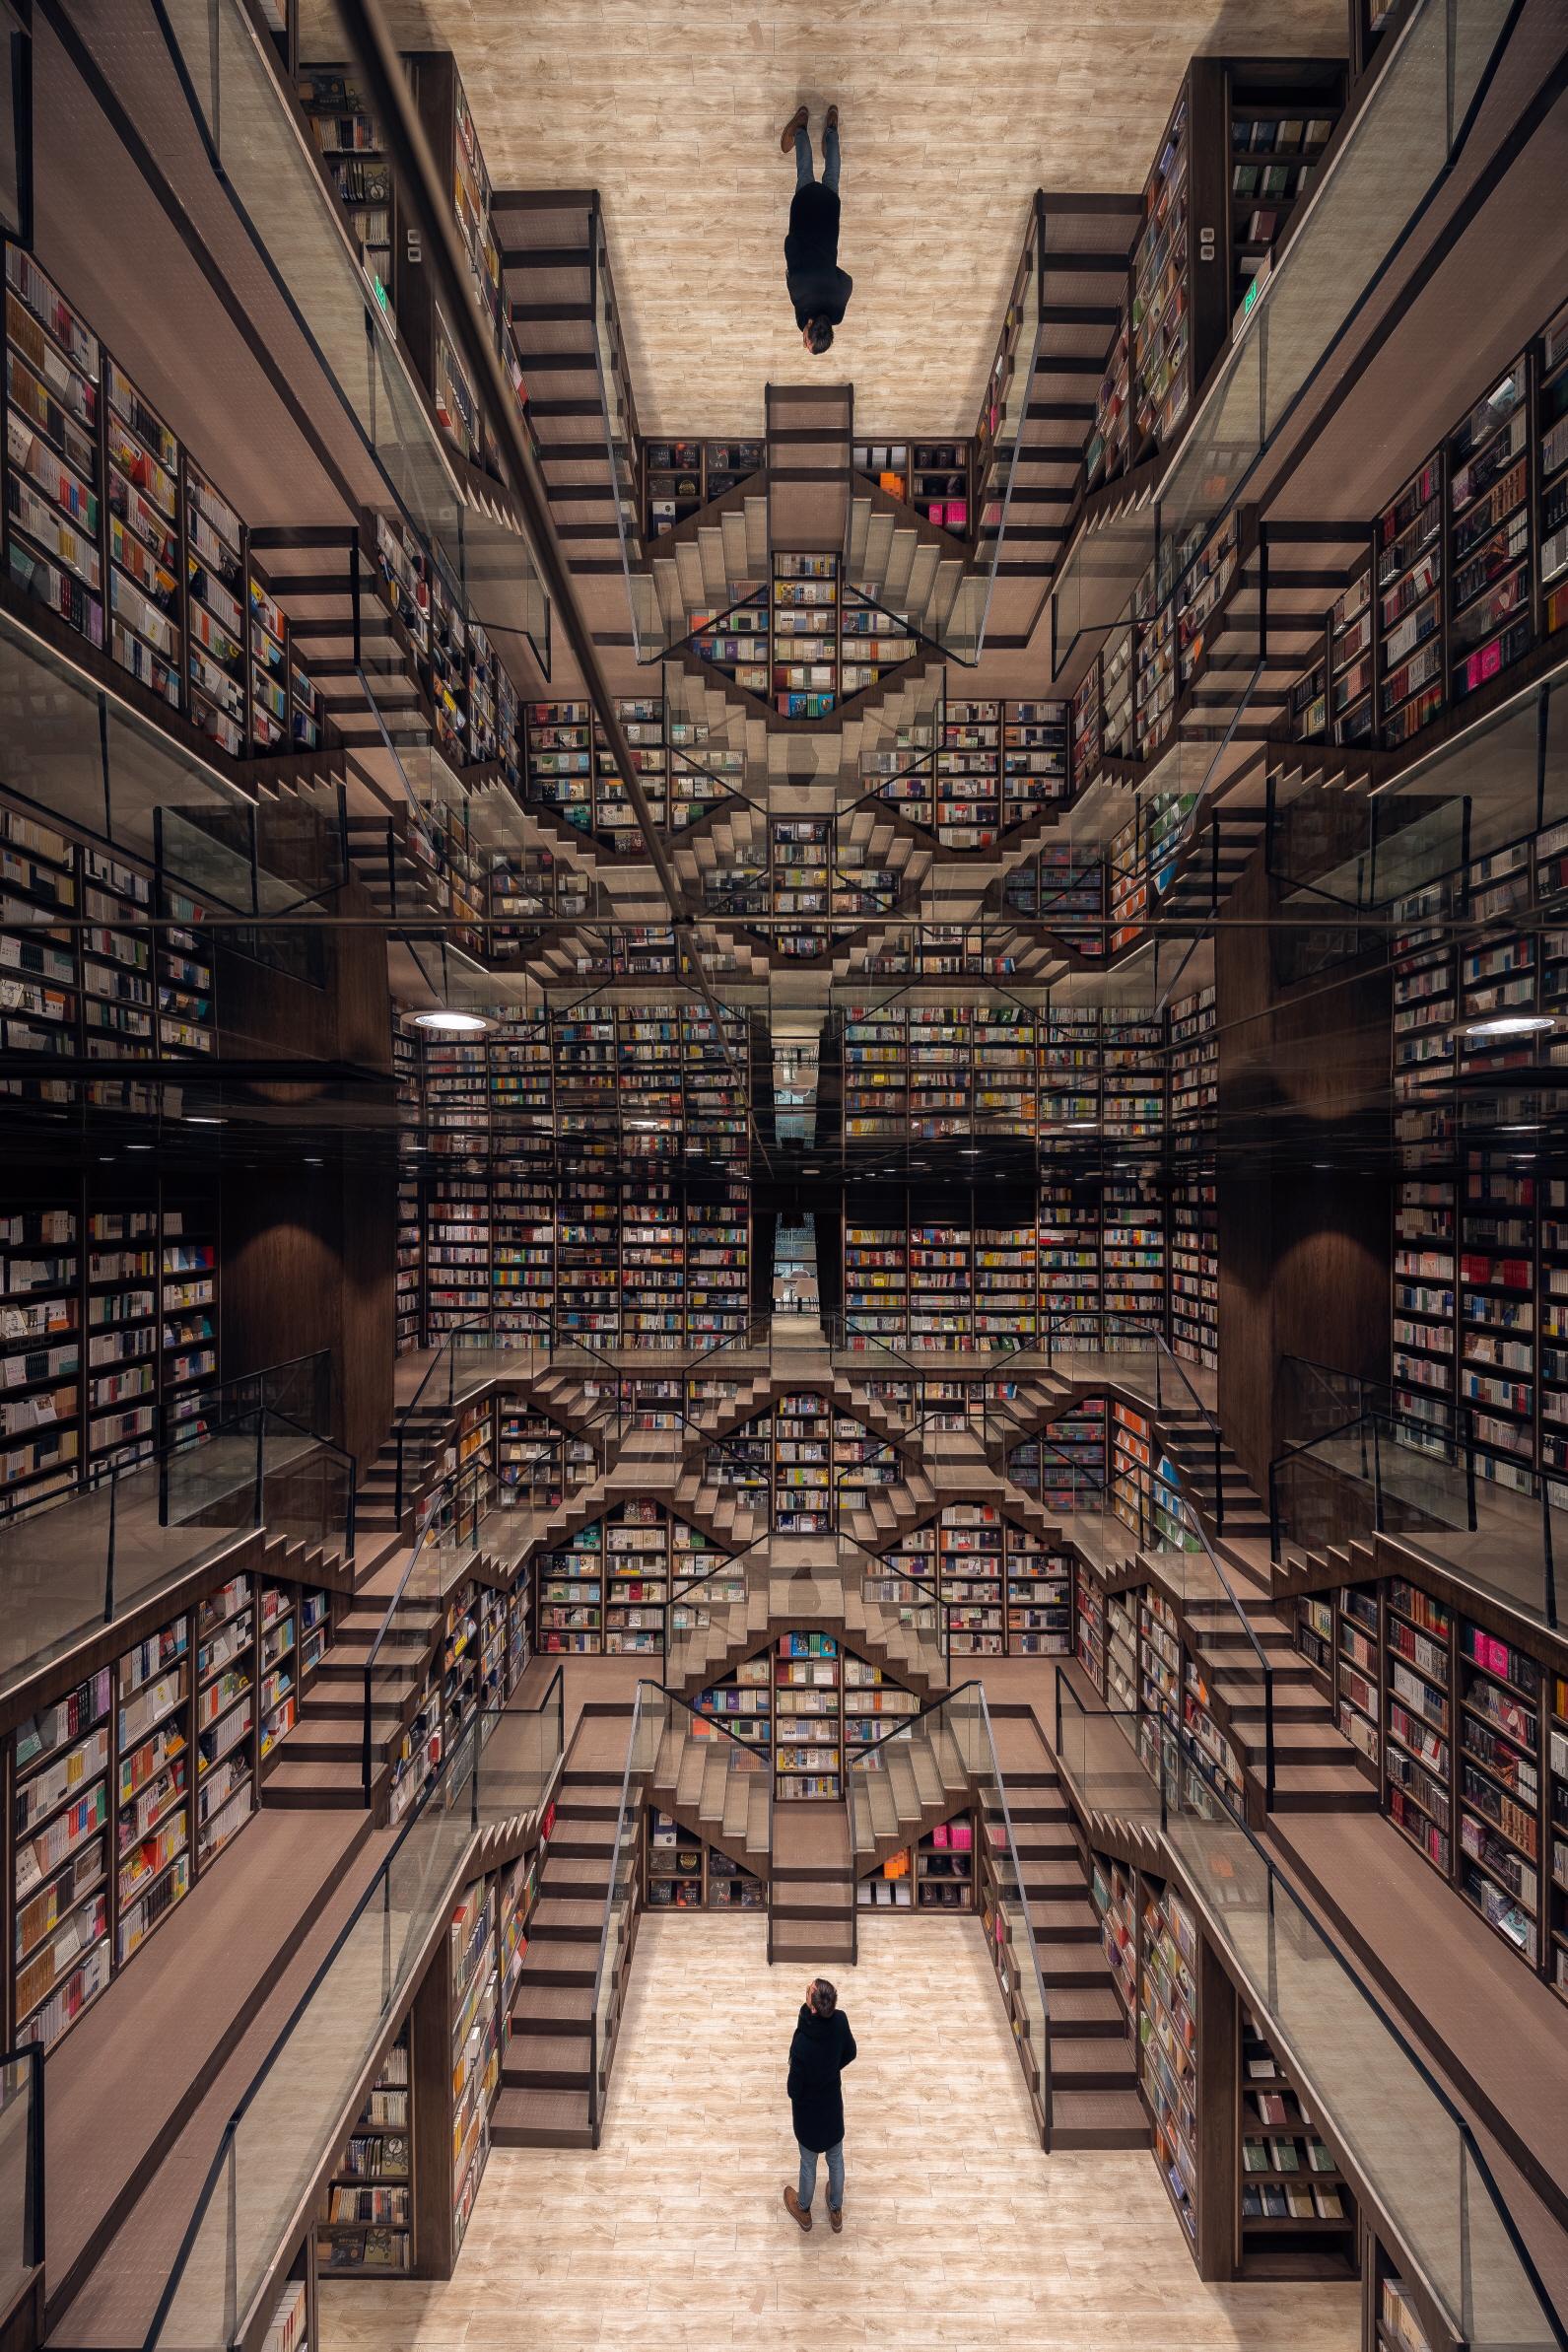 〔안정원의 건축 칼럼〕 책을 읽고 삶을 이해하며, 다른 사람들을 만나기 좋은 특별한 장소